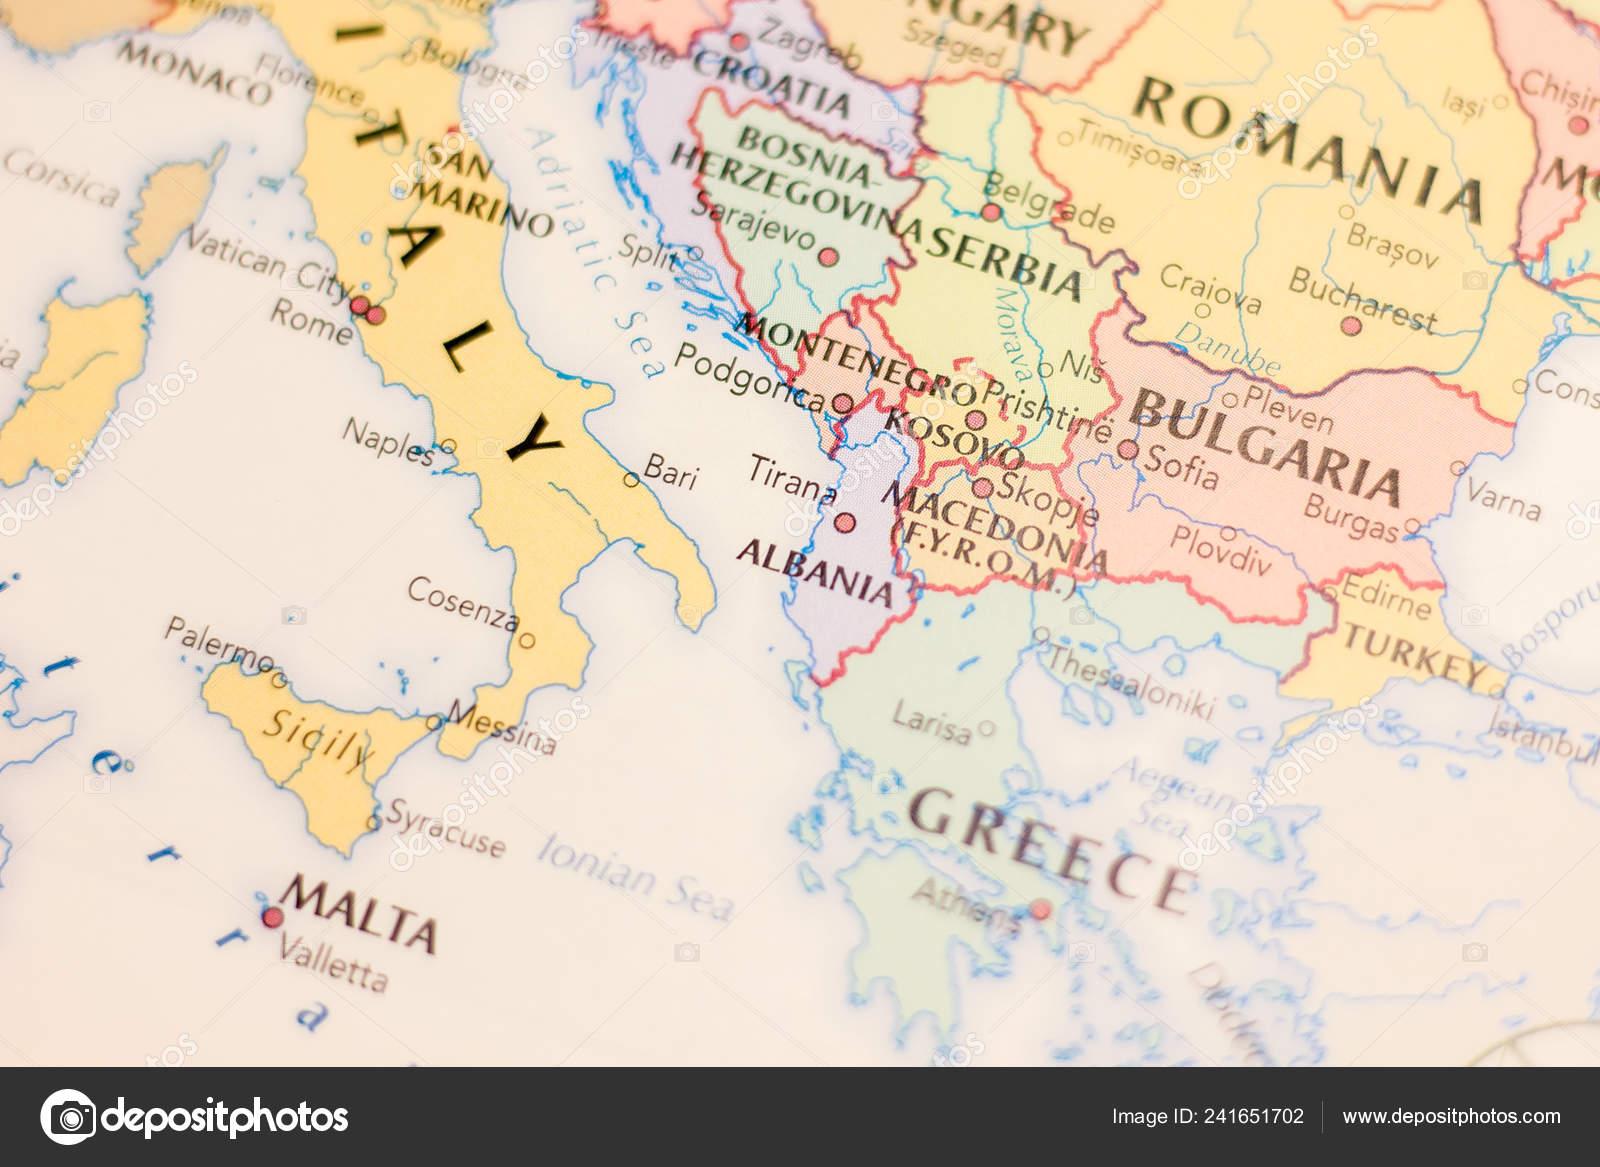 Ivanovsk Russia January 2019 Kosovo Map World — Stock Photo ... on lesotho world map, lebanon world map, san marino world map, russia world map, luxembourg world map, monaco world map, israel world map, libya world map, cyprus world map, suriname world map, laos world map, darfur world map, netherlands world map, malta world map, abkhazia world map, republic of macedonia world map, slovakia world map, liechtenstein world map, sierra leone world map, liberia world map,